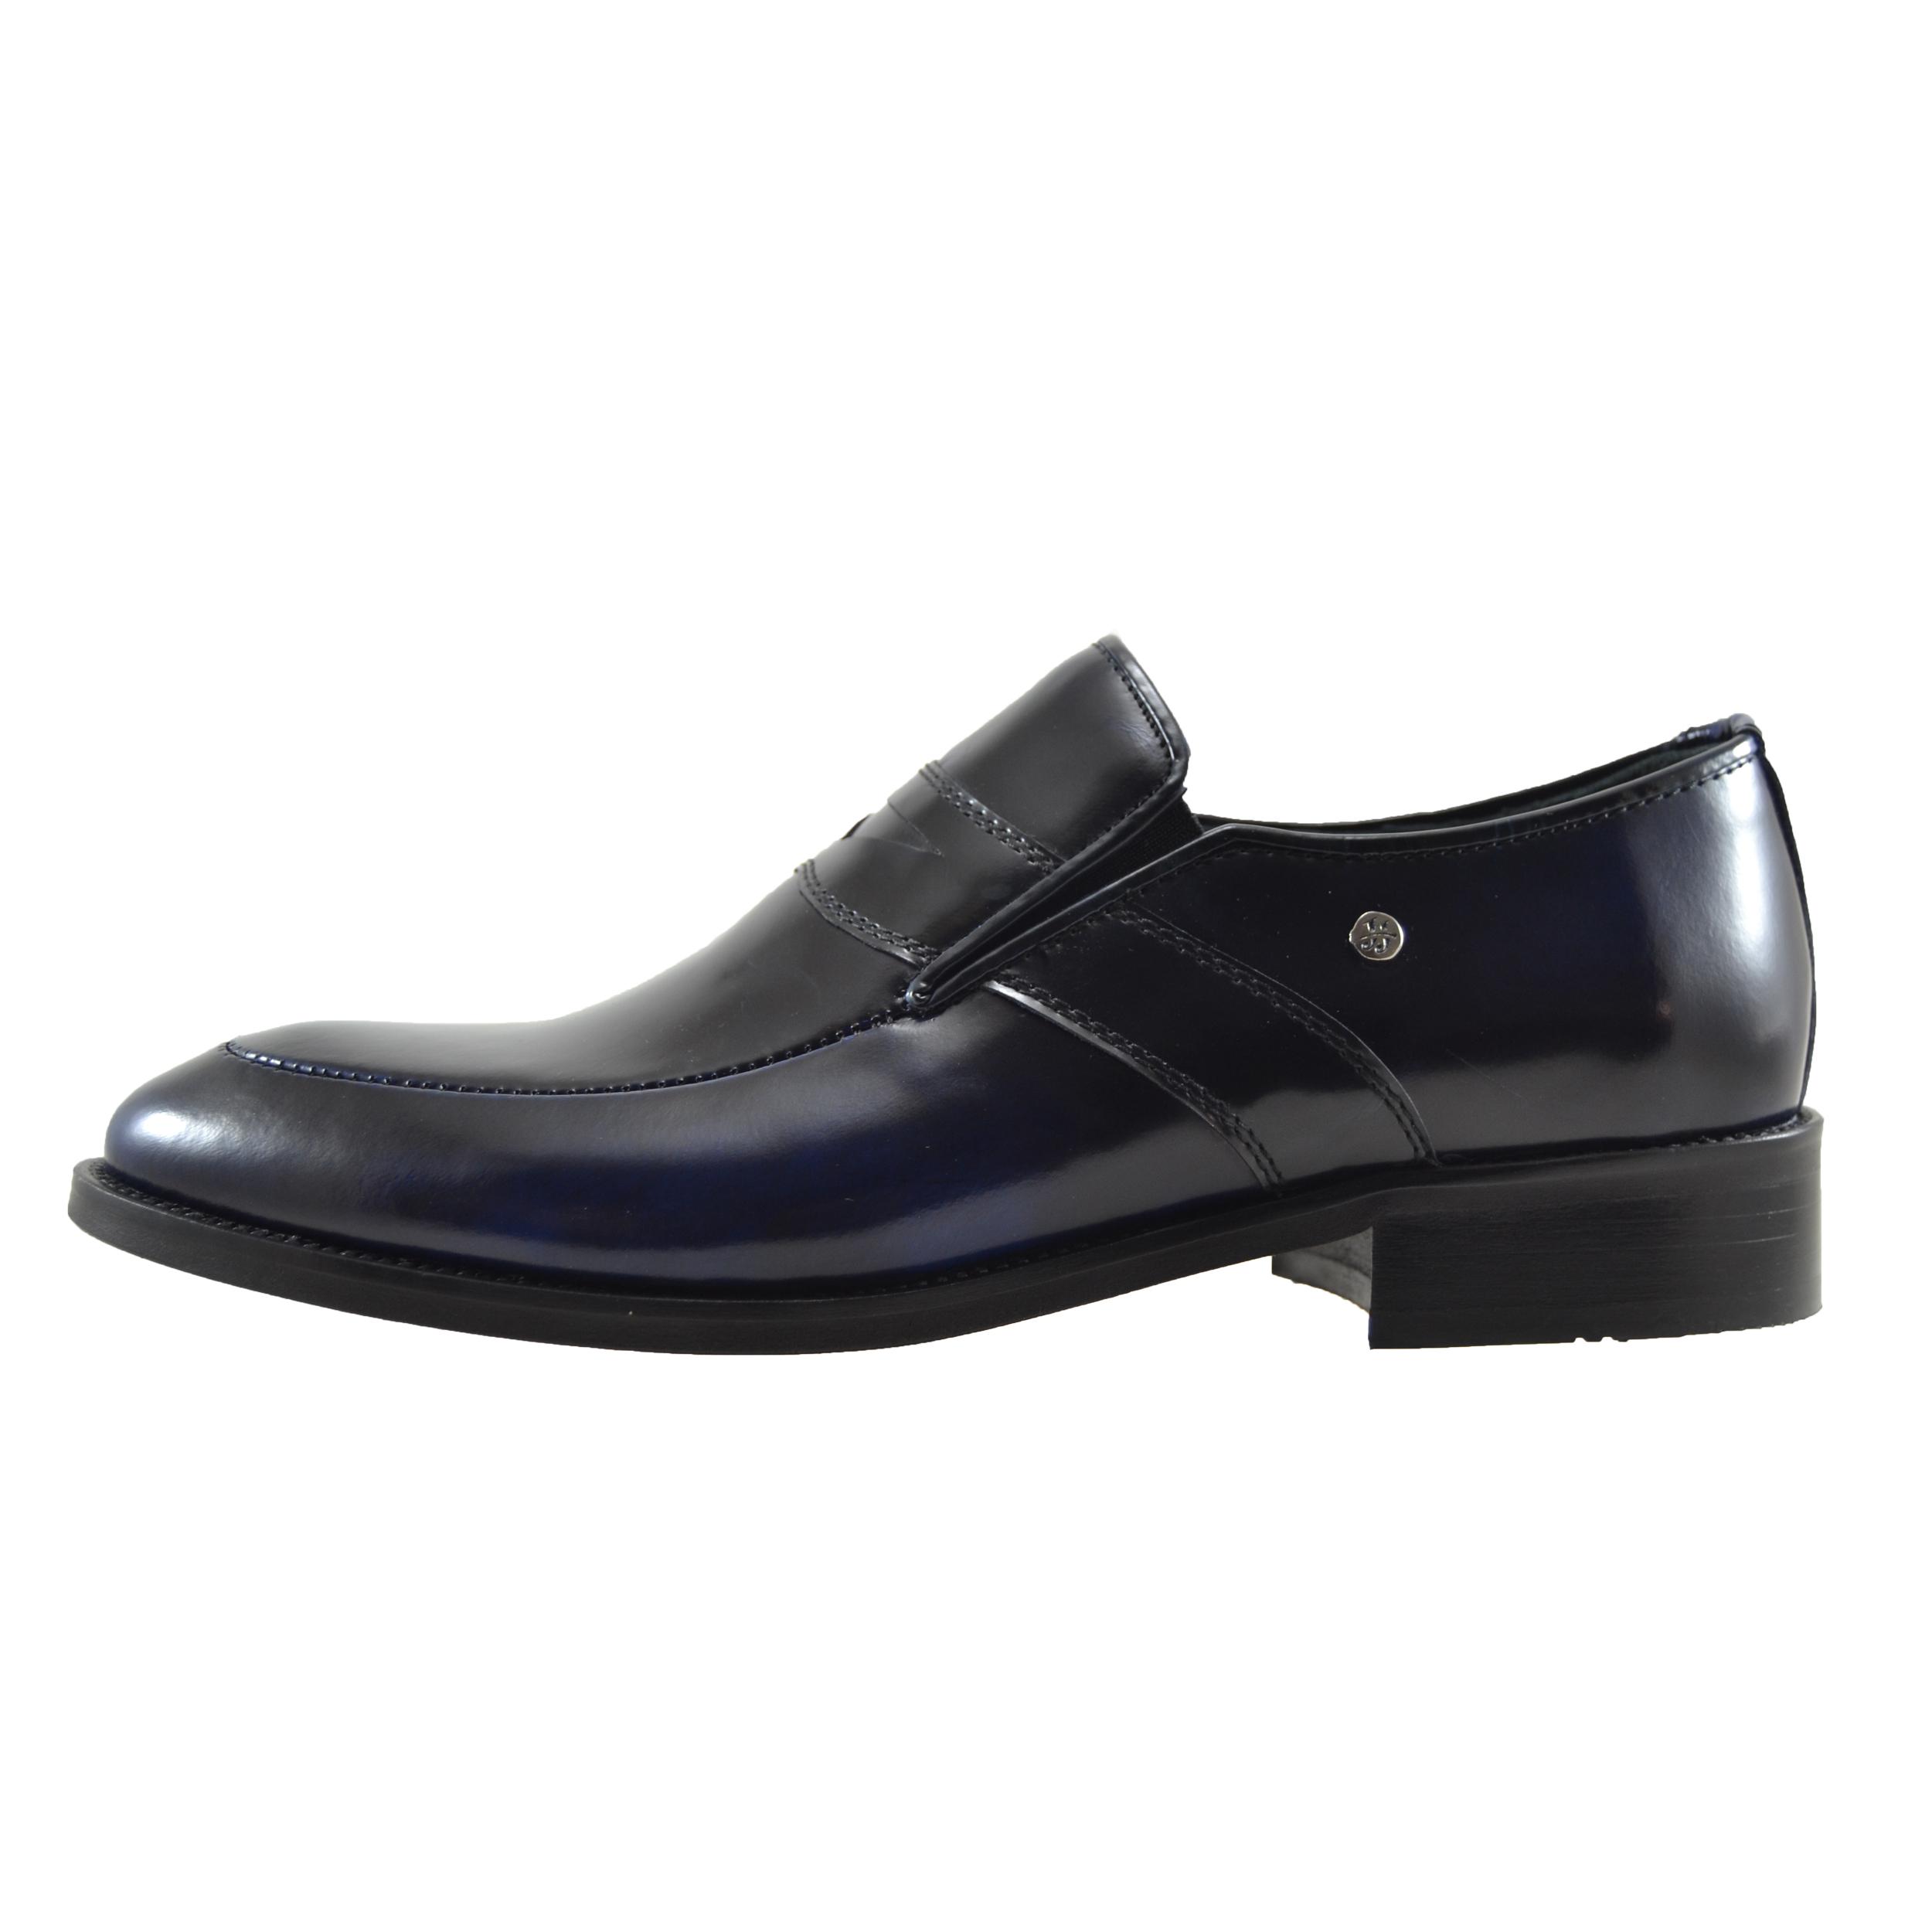 کفش مردانه کد 293             , خرید اینترنتی